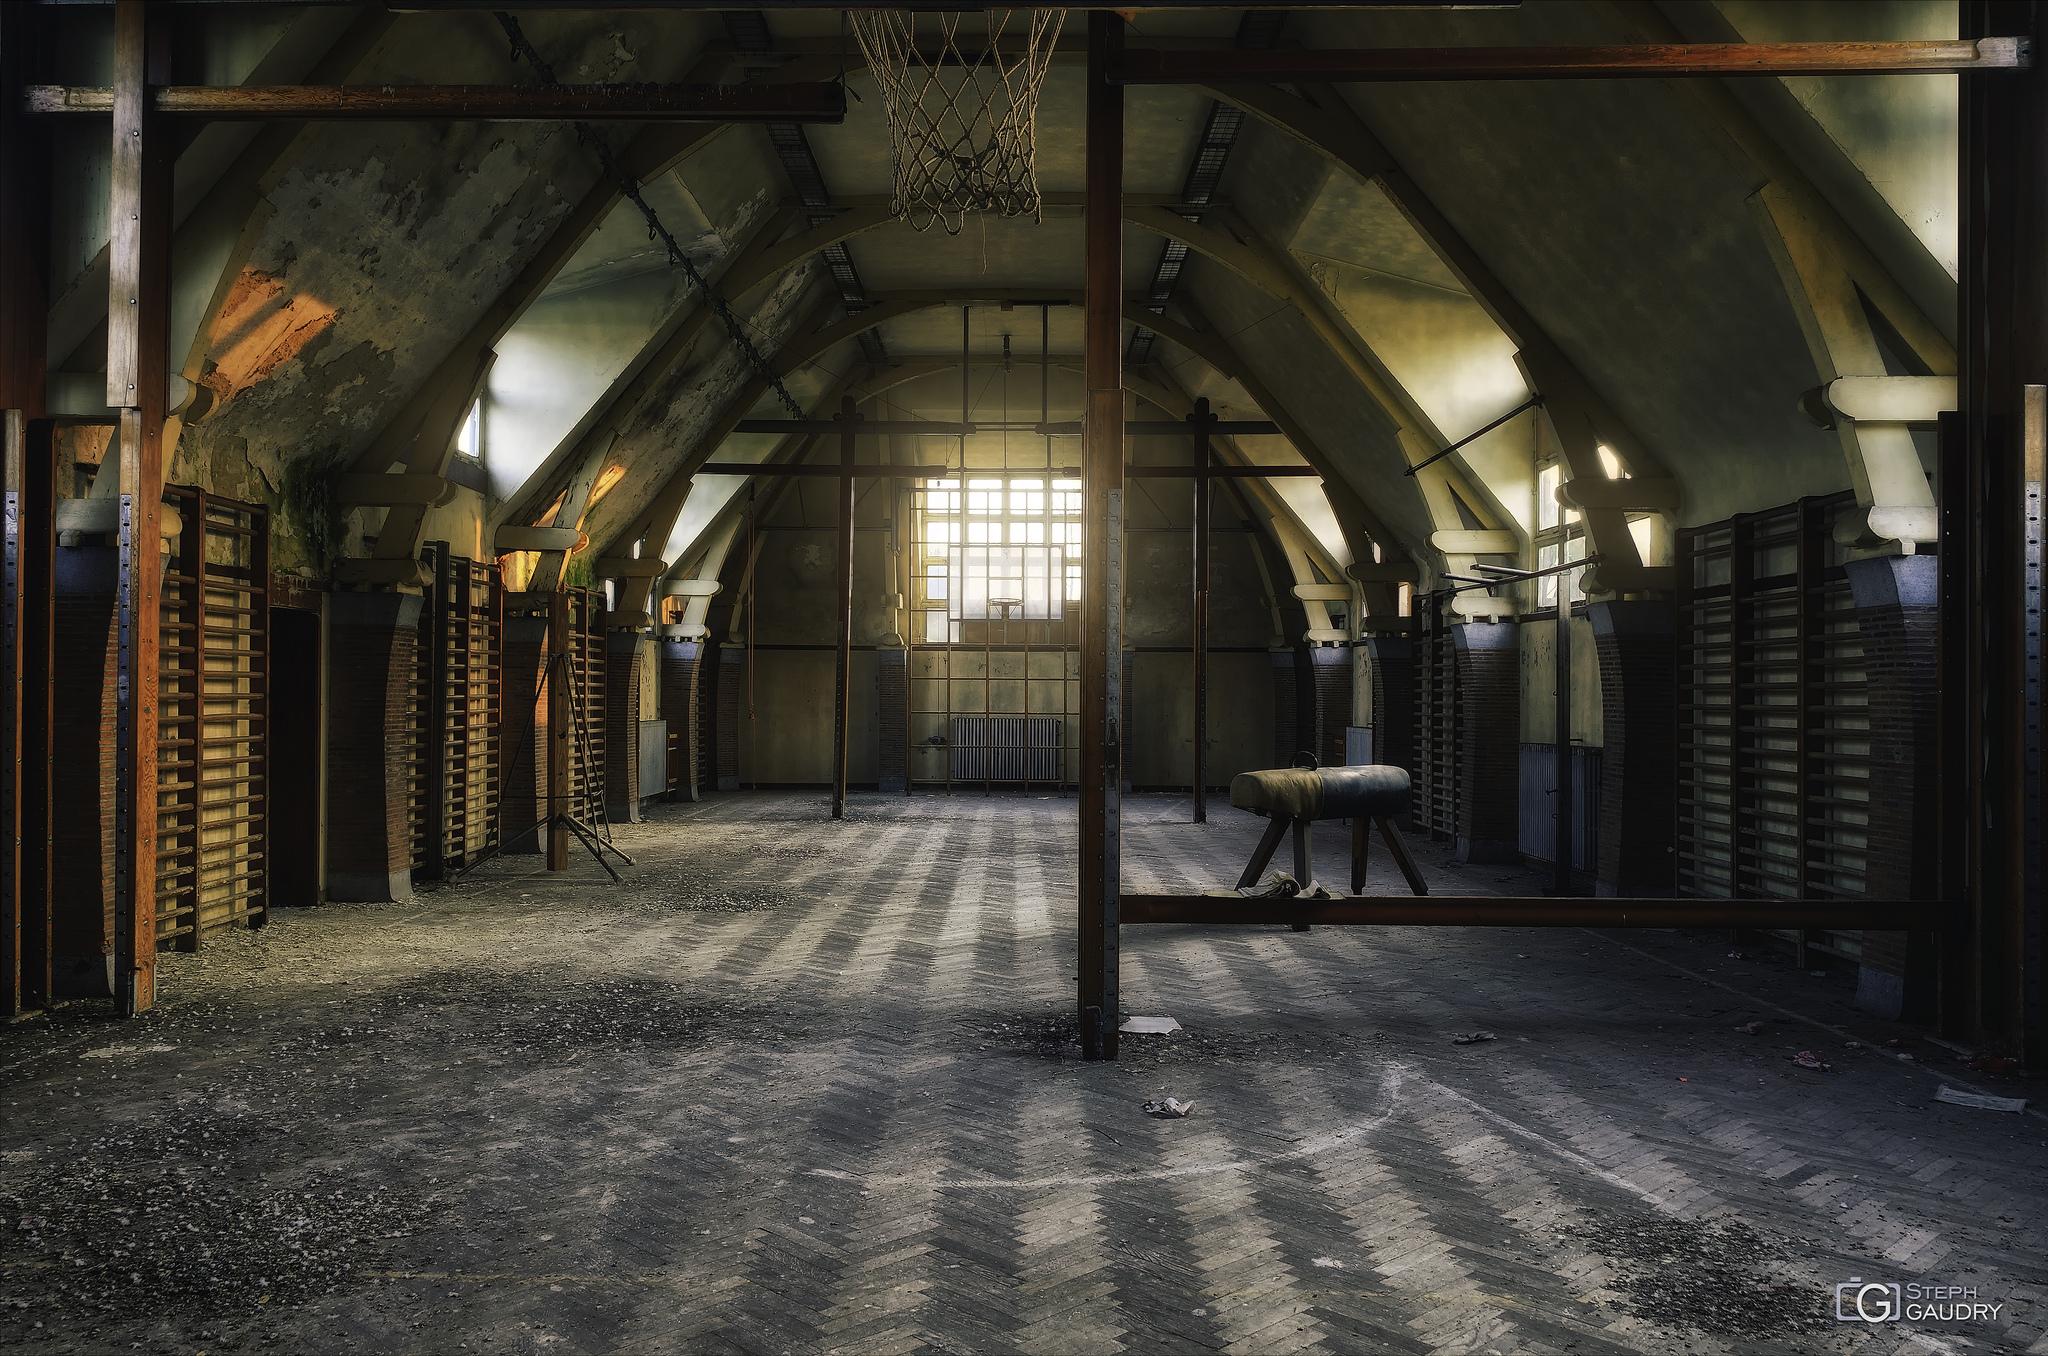 Salle de gym [Klik om de diavoorstelling te starten]